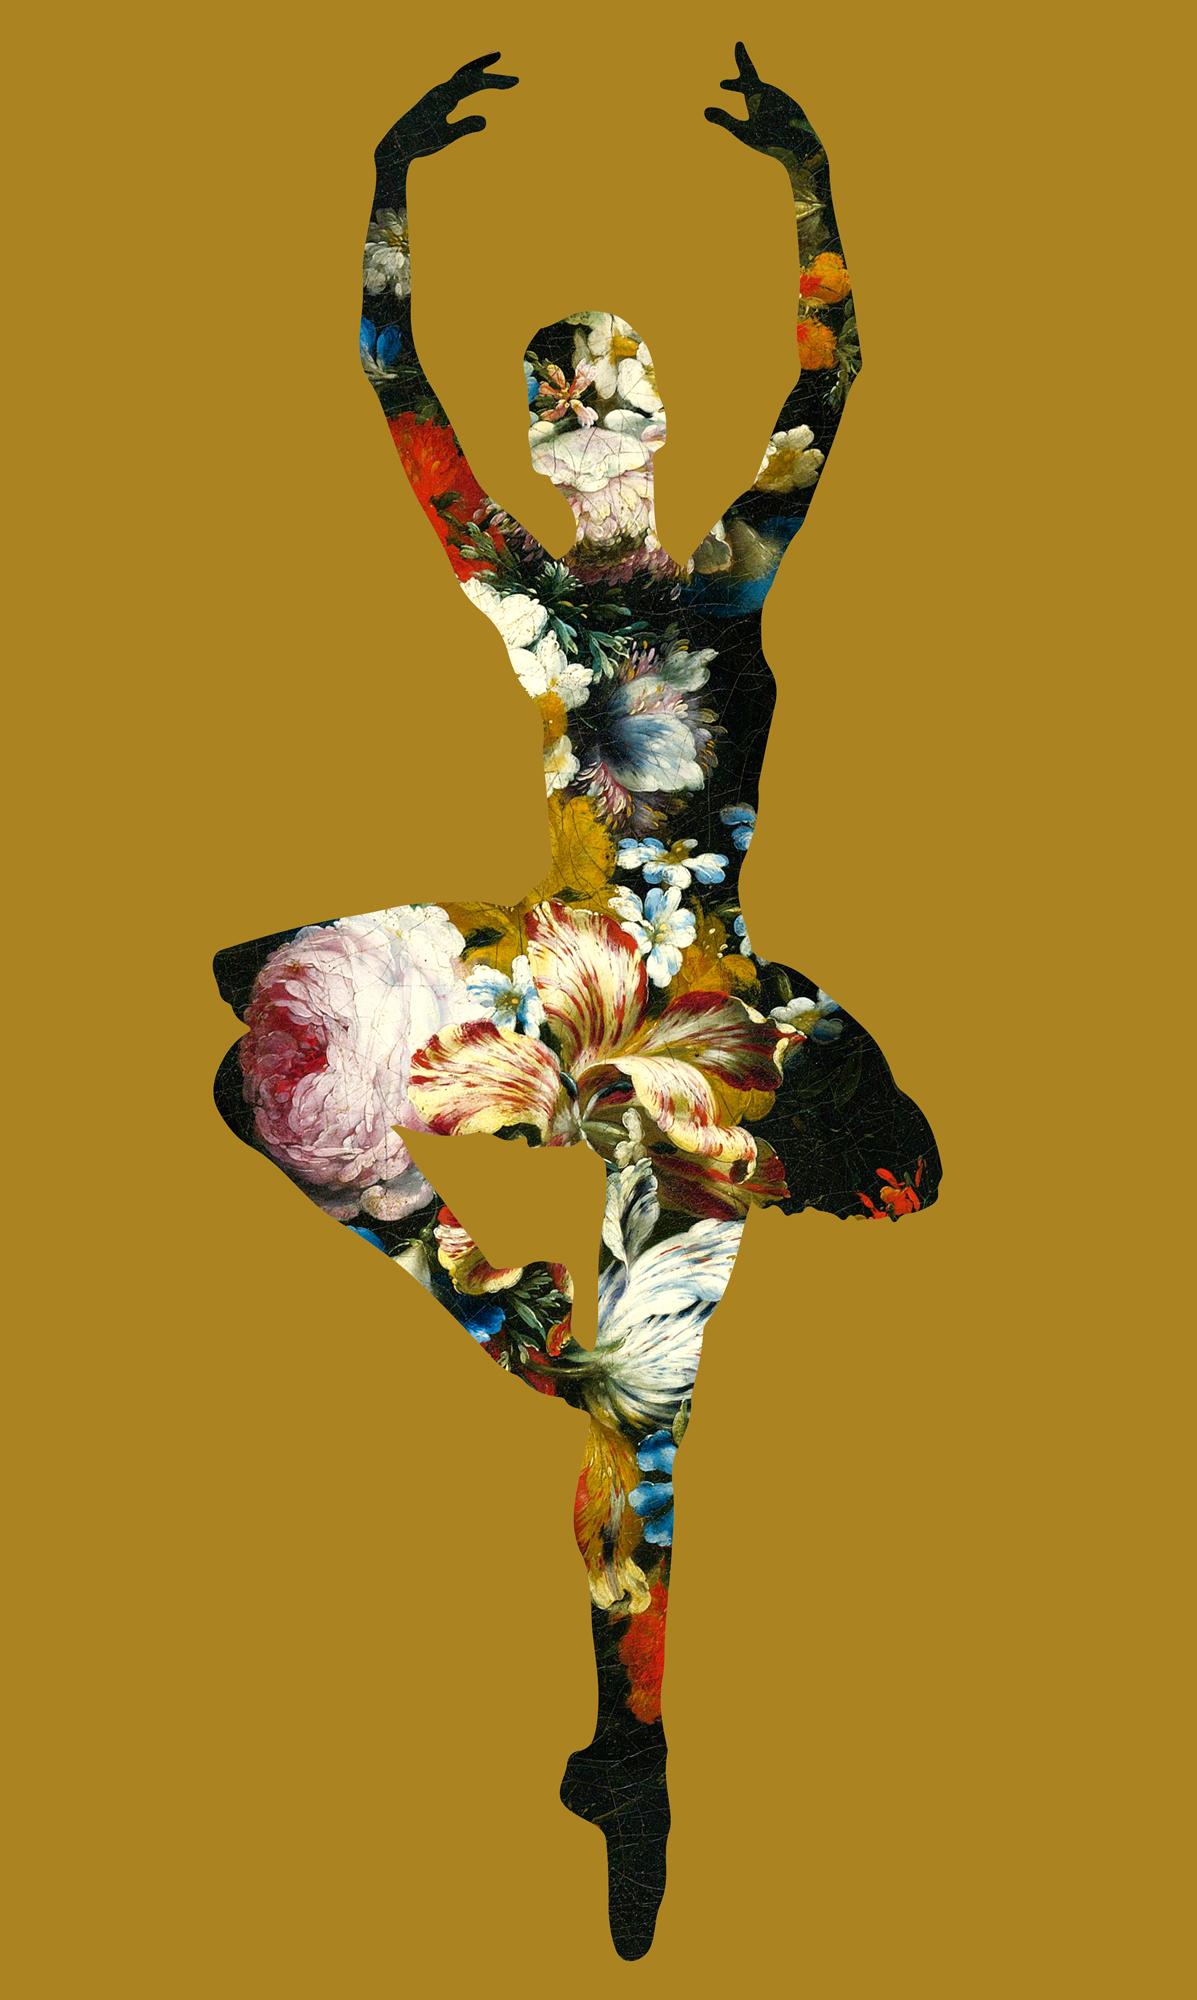 agent_x_-_en_dedans_pirouette_avec_des_fleurs_gold.jpg